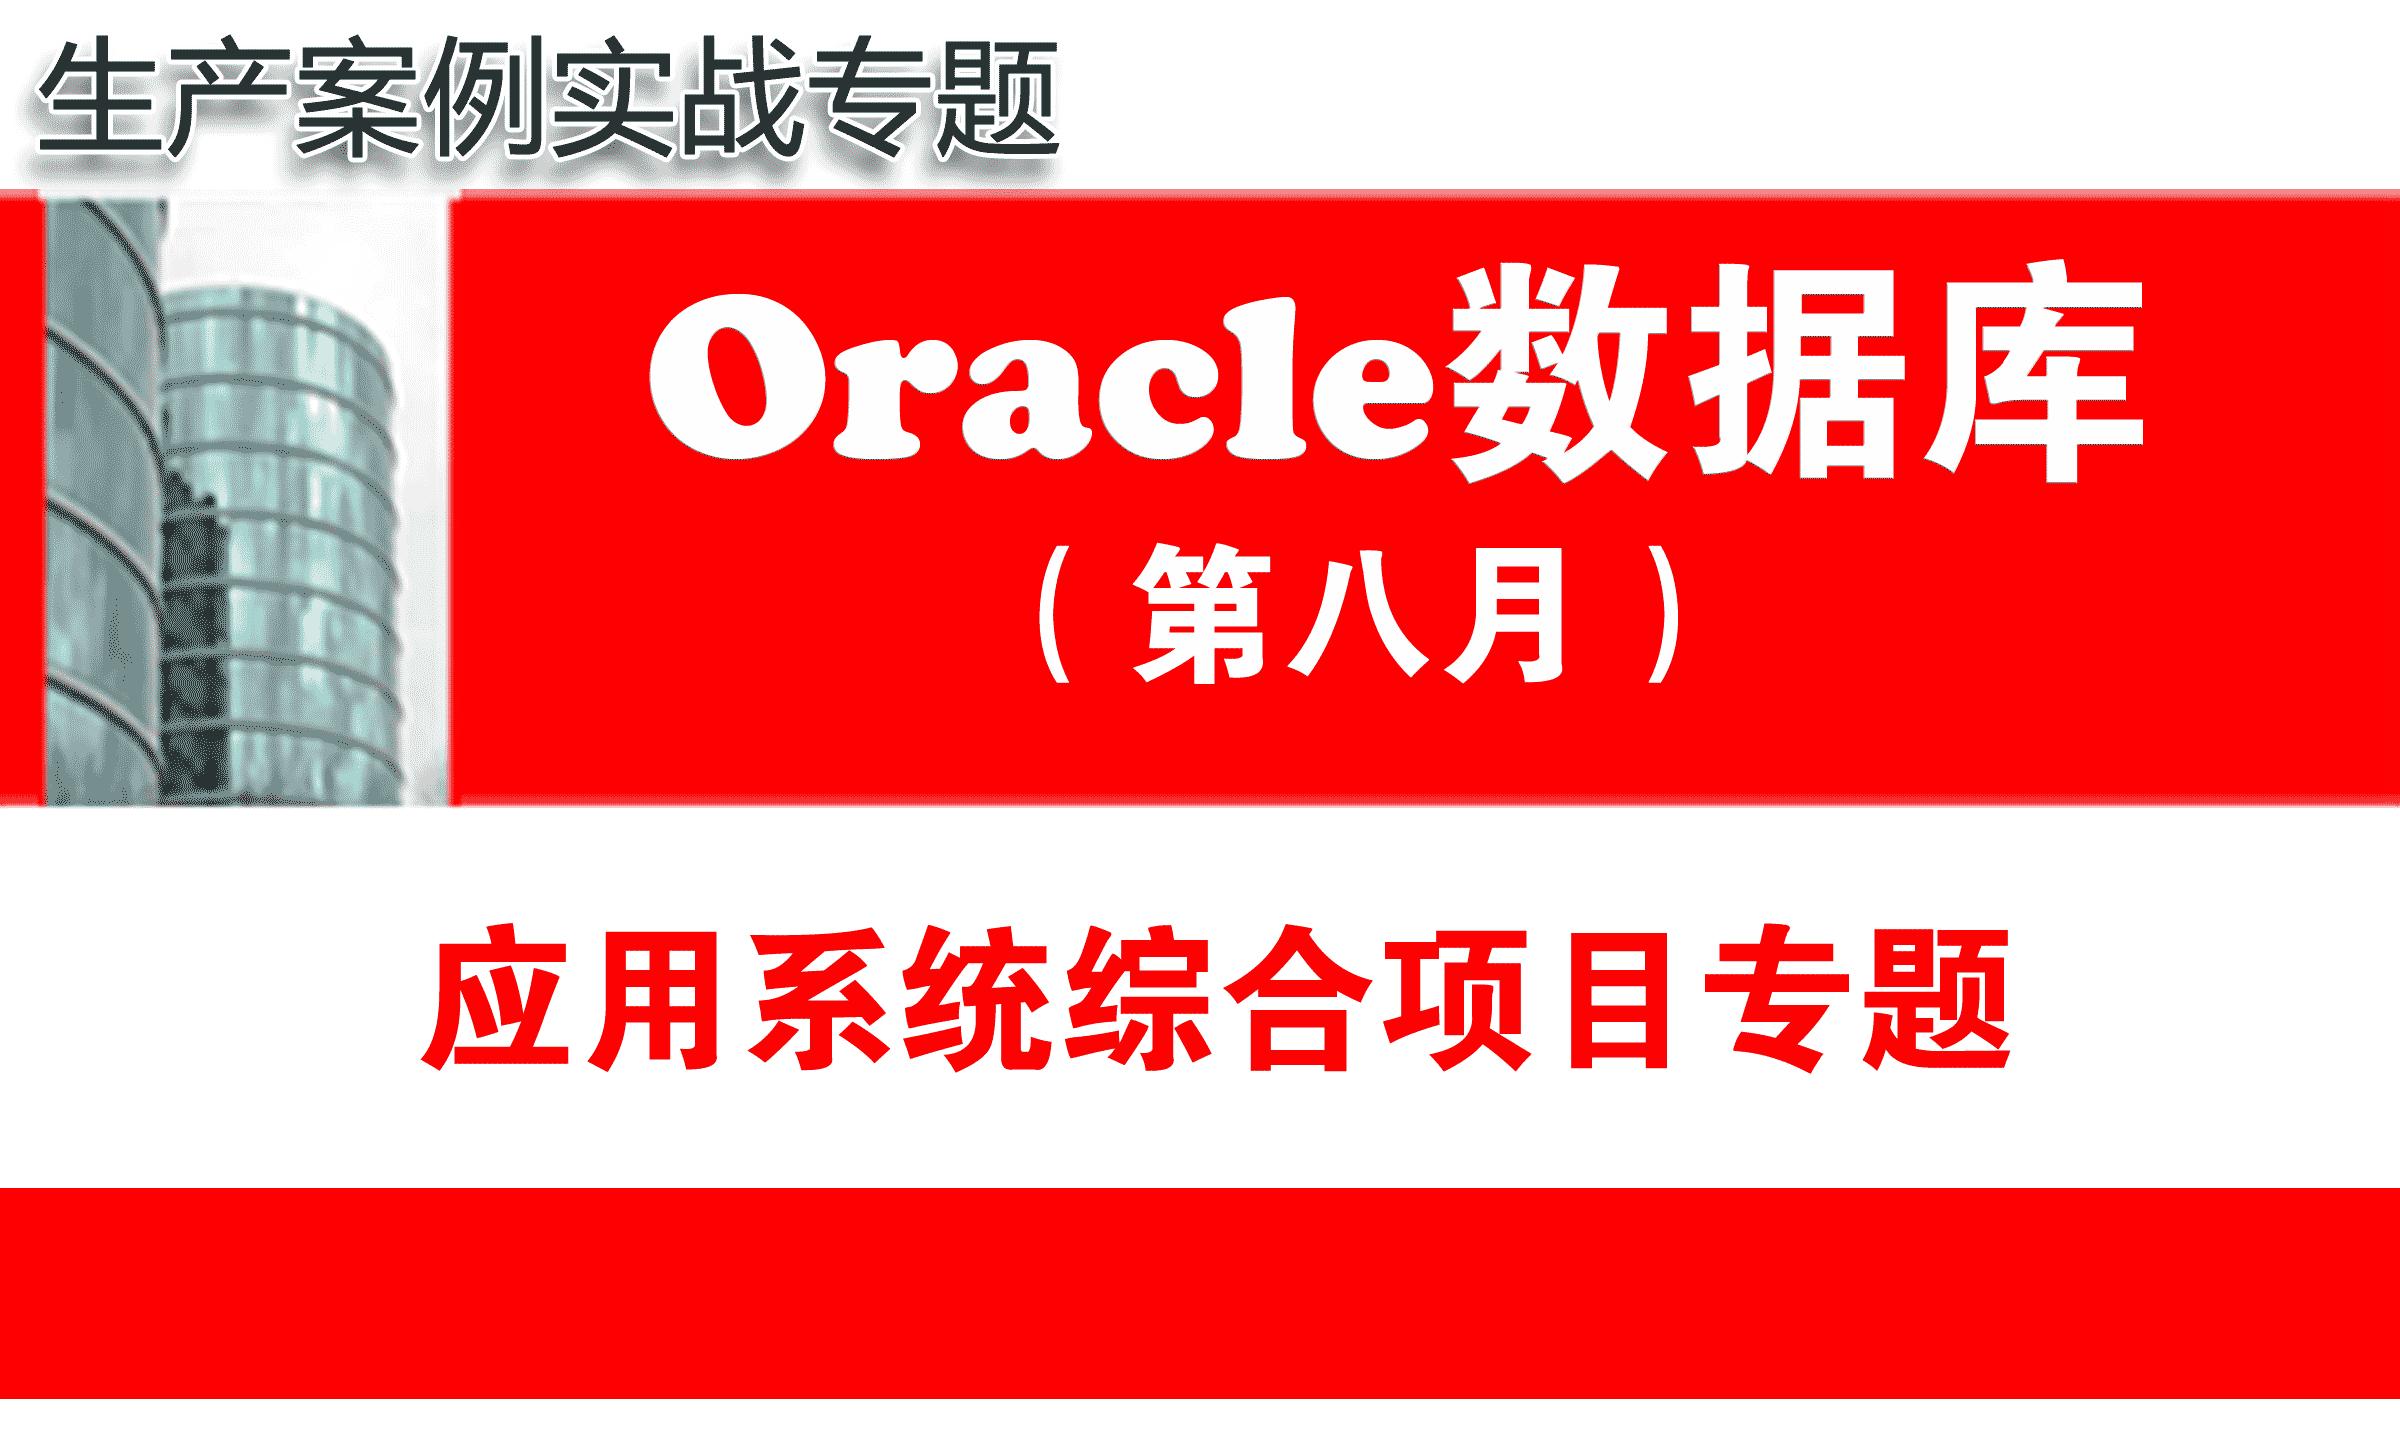 Oracle数据库教程(第八月):应用系统综合项目专题